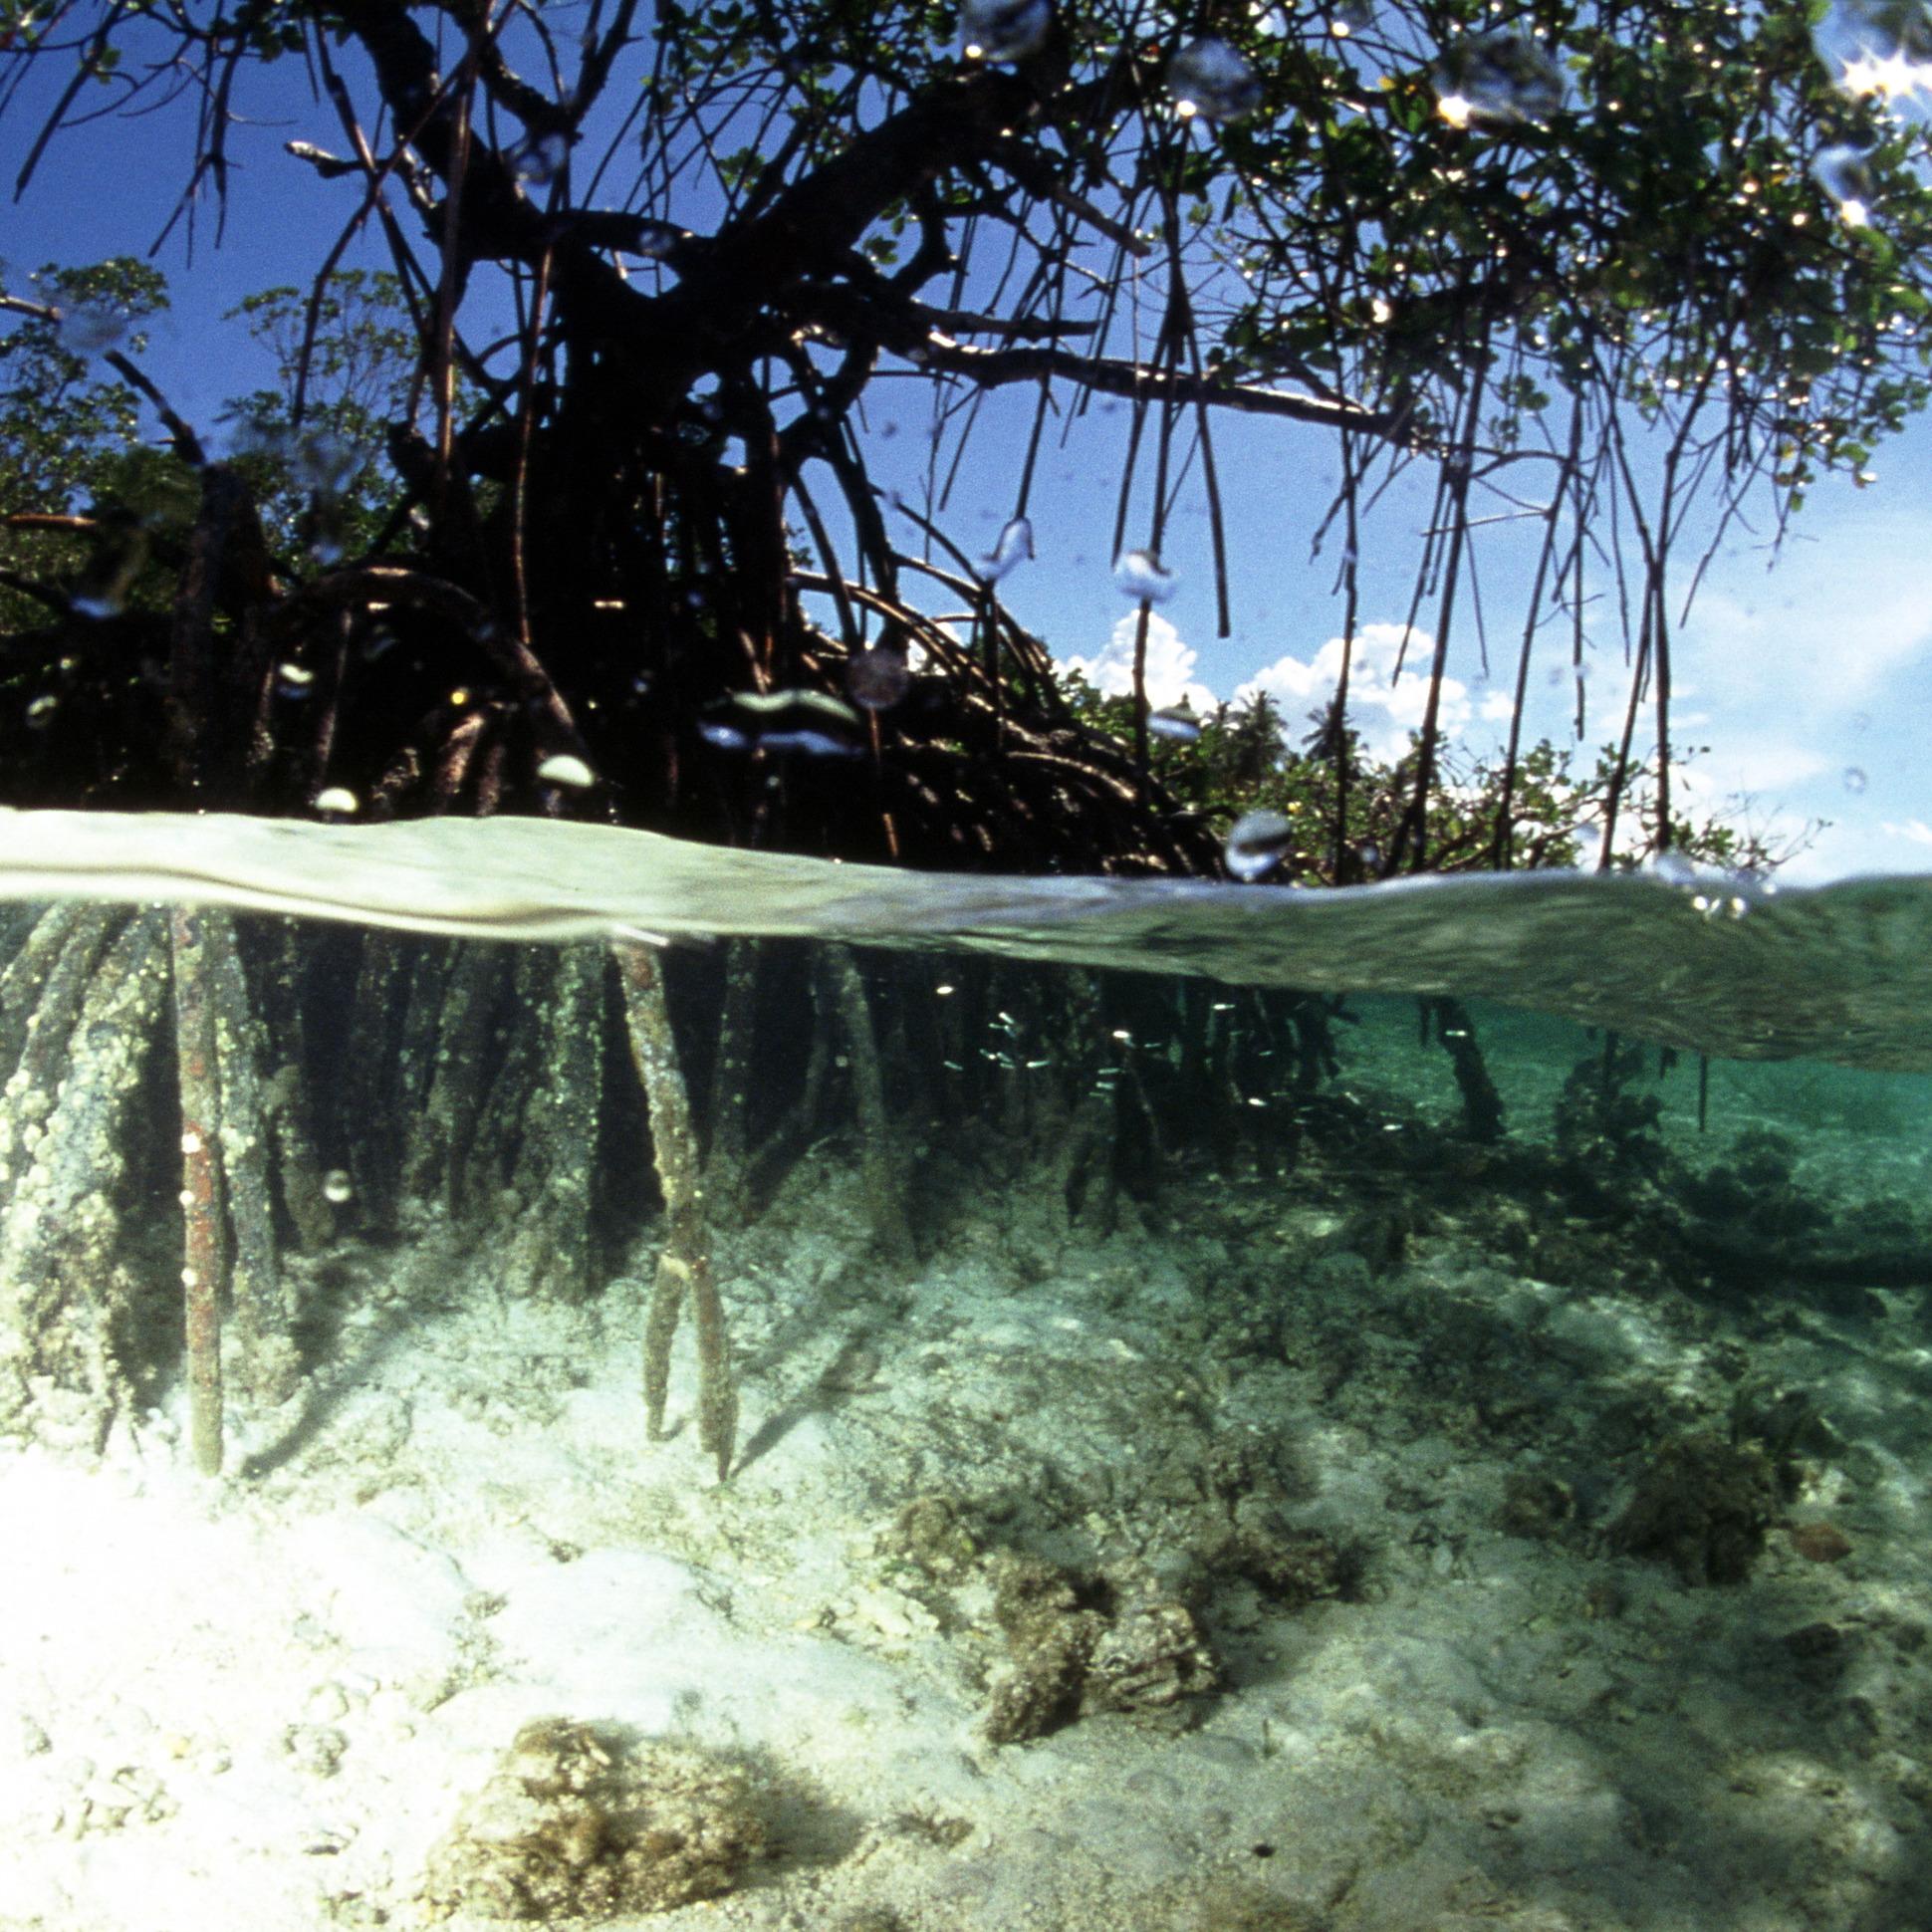 Jbl mangrove kökleri